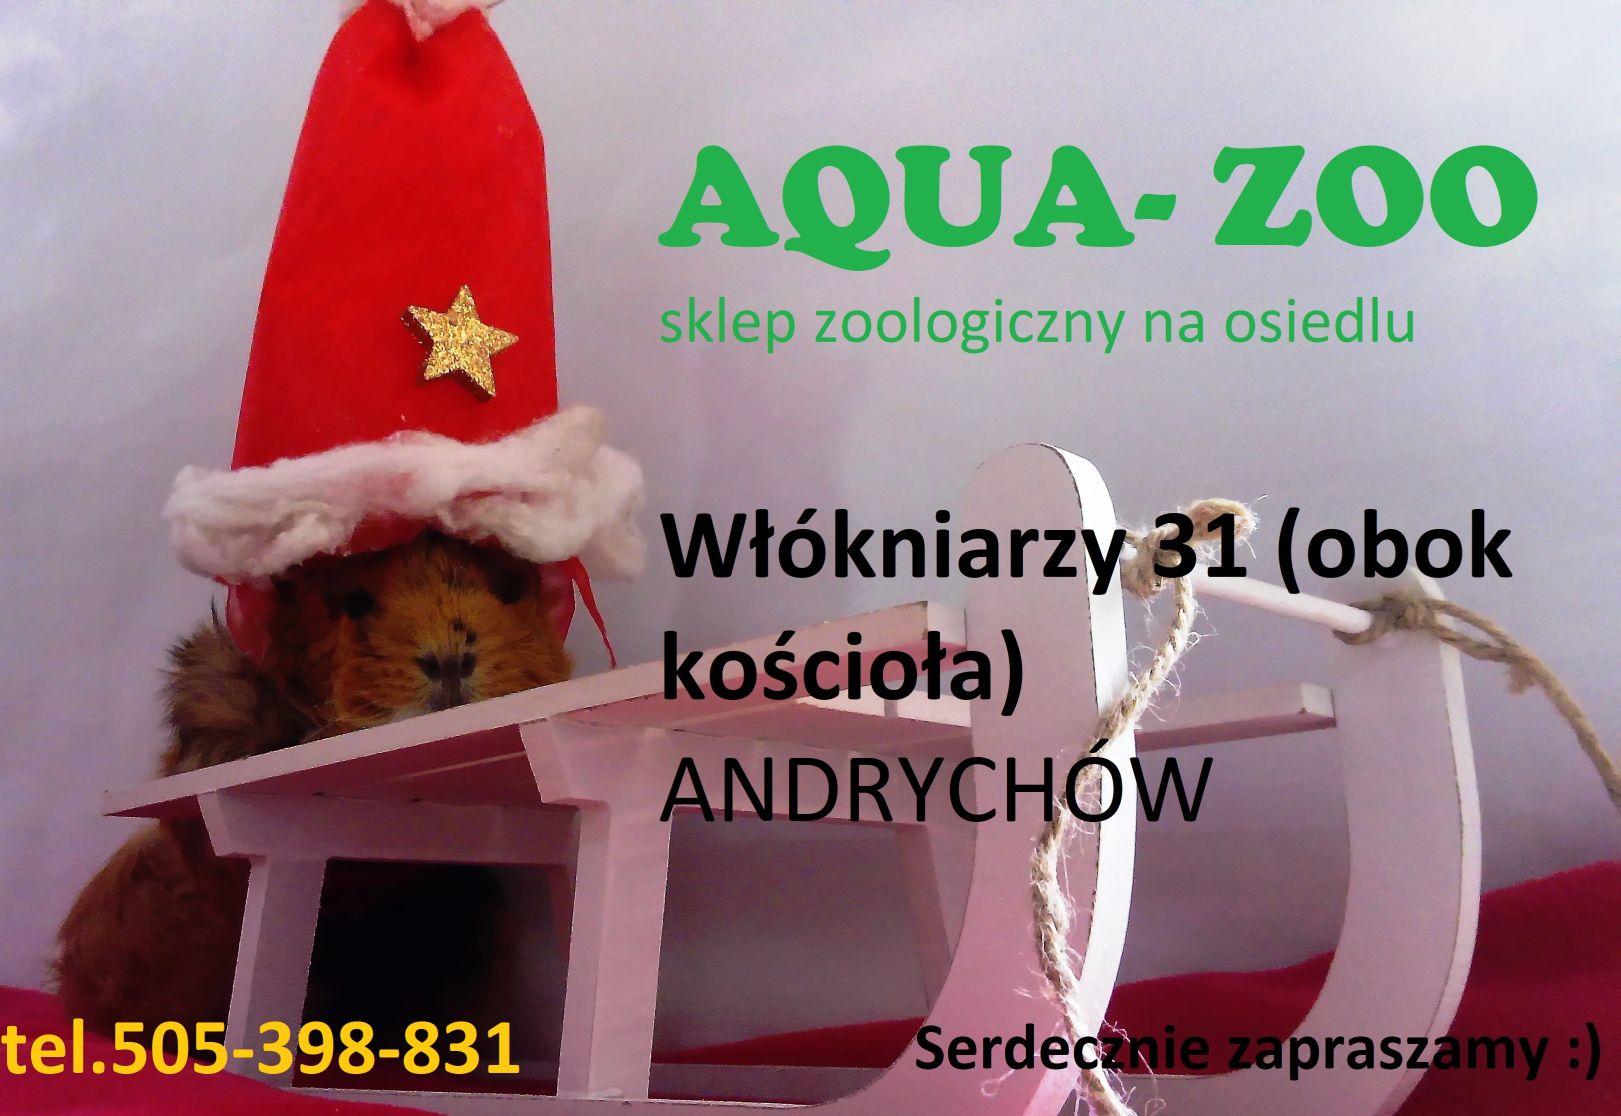 AQUA-ZOO. Sklep zoologiczny na osiedlu zaprasza wszystkich miłośników zwierząt!